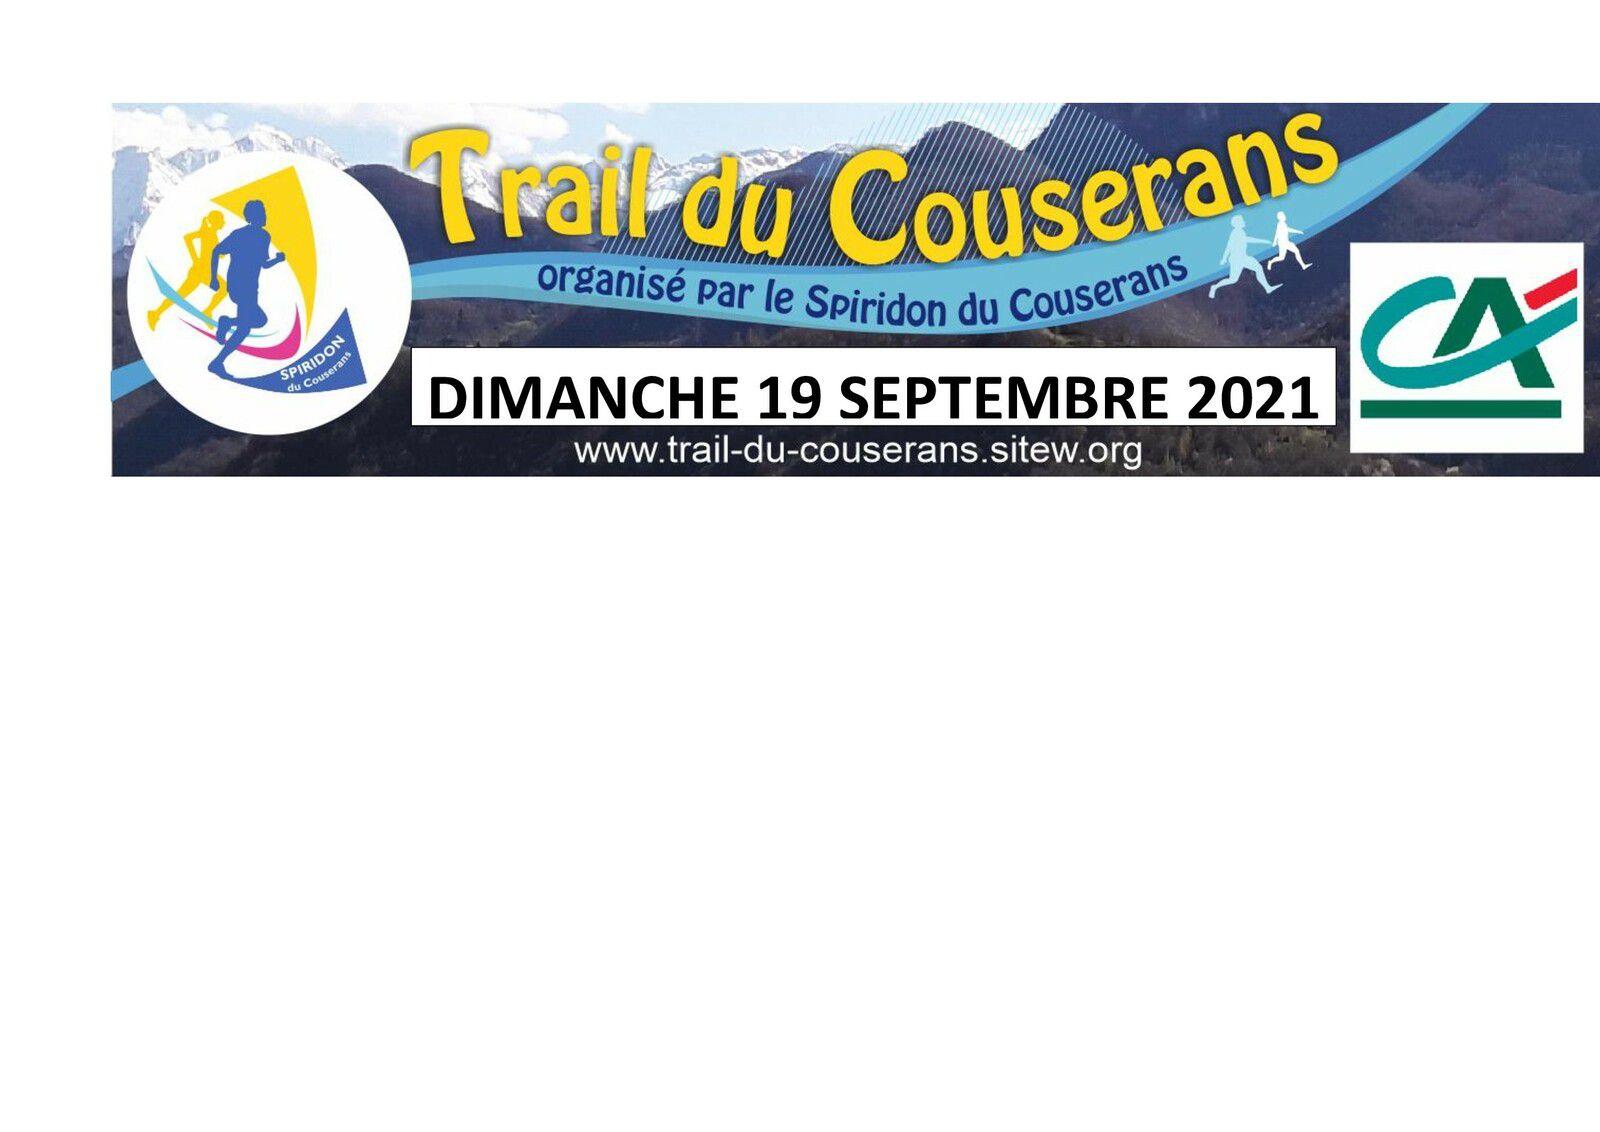 ARRIVEE DU T . C  AU PARC DES EXPOSITIONS EN PREPARATION